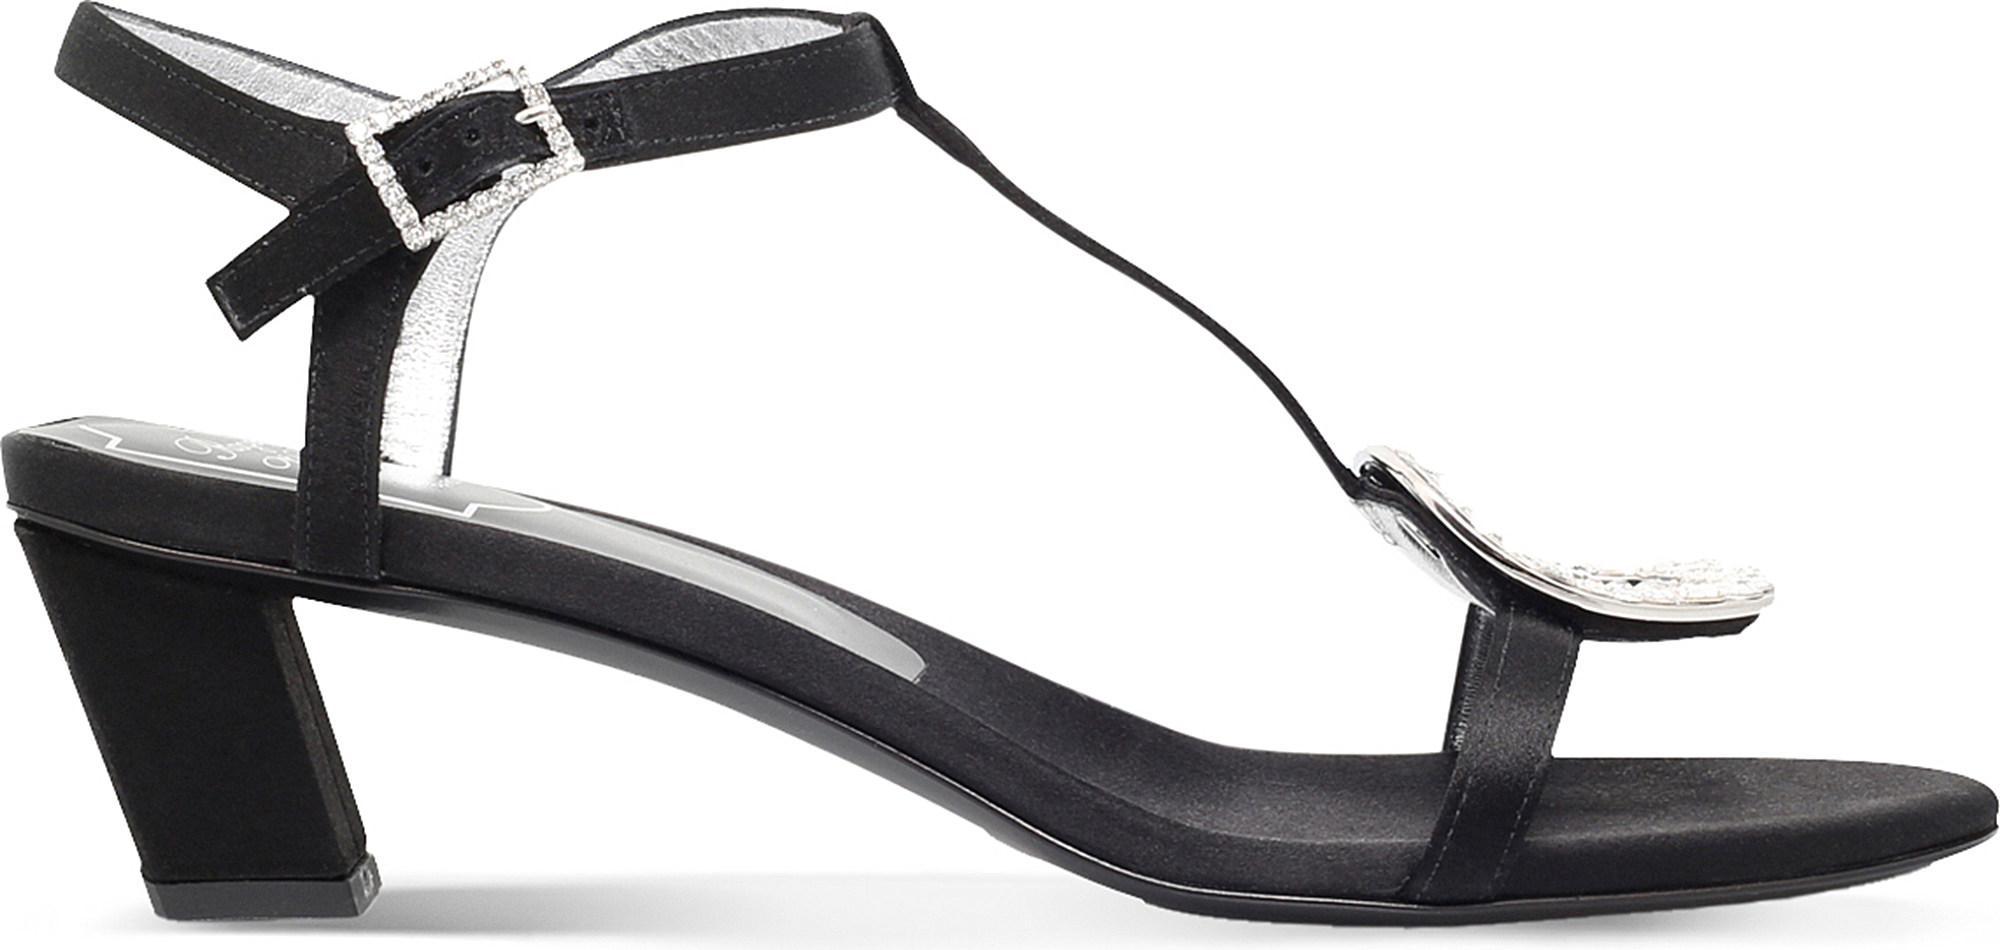 89811155709f Roger Vivier Chips Satin Heeled Sandals in Black - Lyst